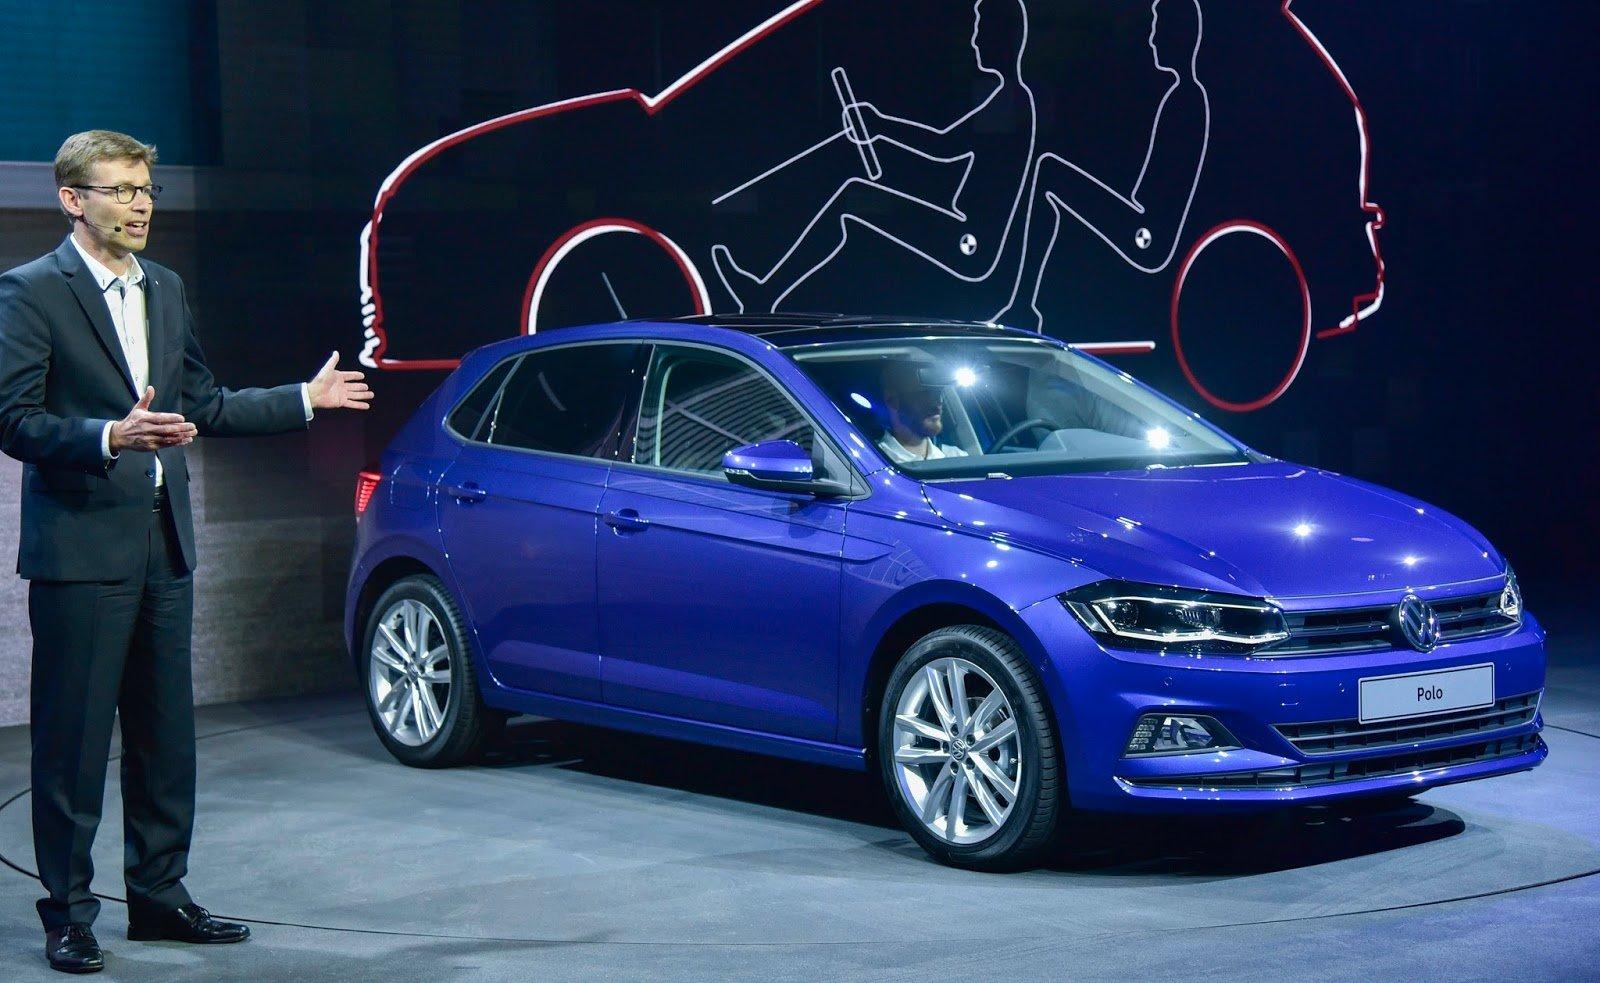 Volkswagen confirma produção do novo hatch premium Polo no Brasil ainda em 2017